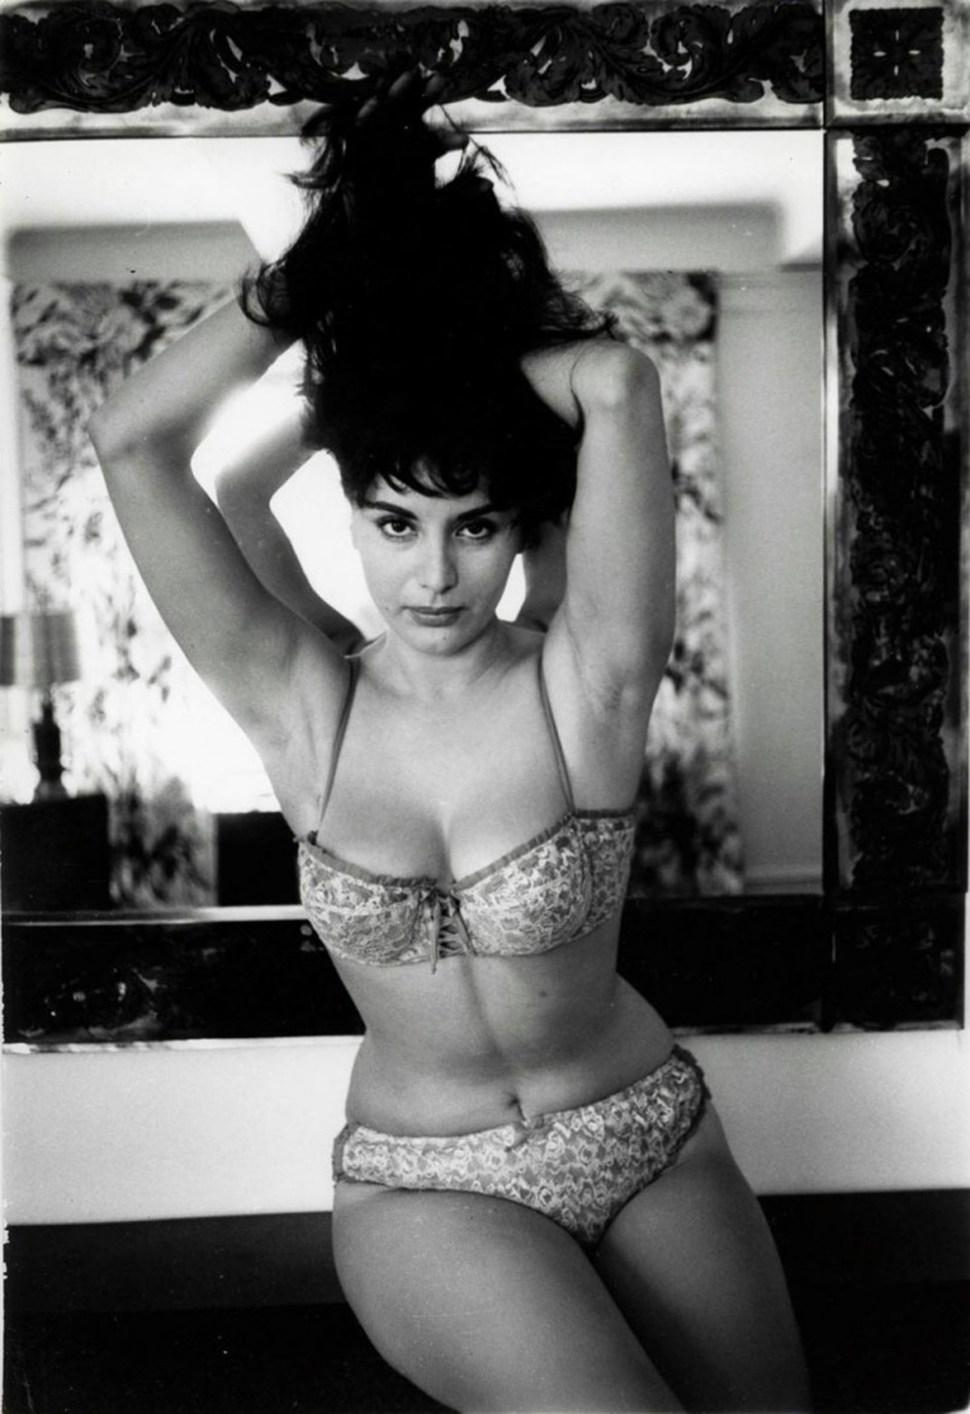 La actriz confesó que en su vida era tímida, pero que frente a las cámaras se transformaba en una mujer sexy y muy erótica